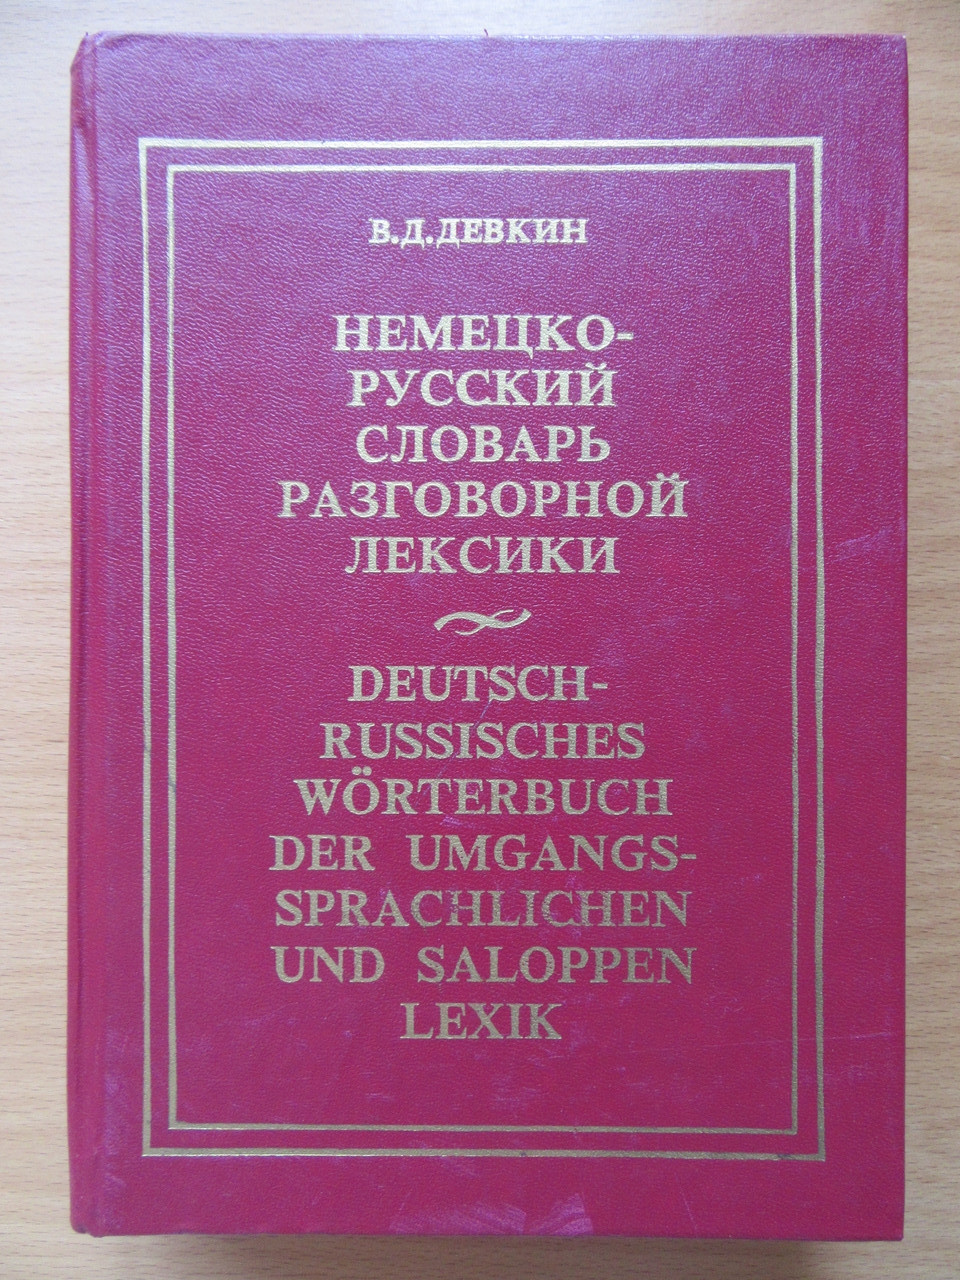 Немецко-русский словарь разговорной лексики. В.Д.Девкин